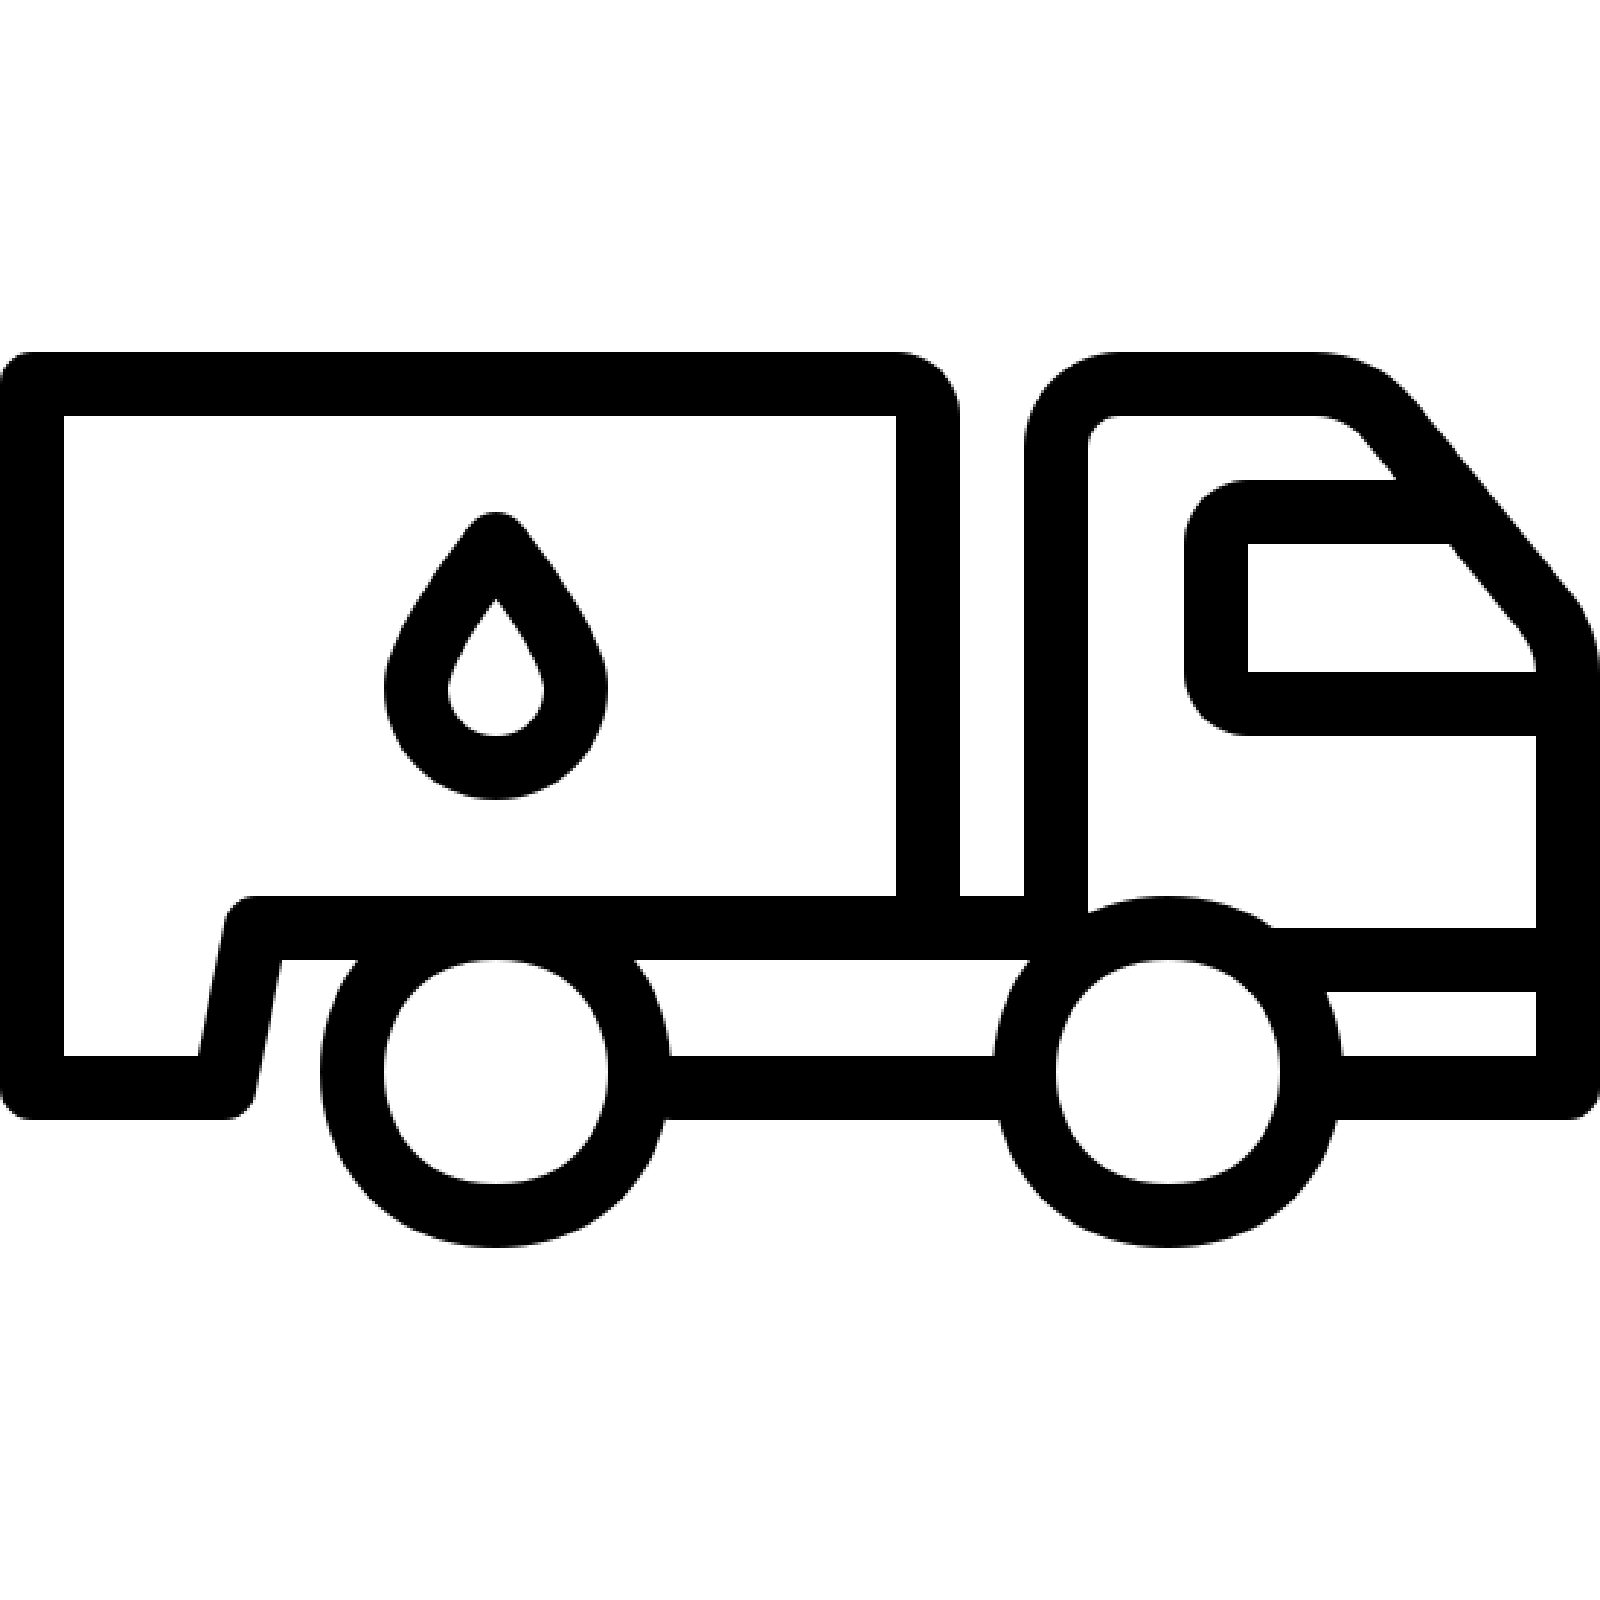 Depósito de combustible icon